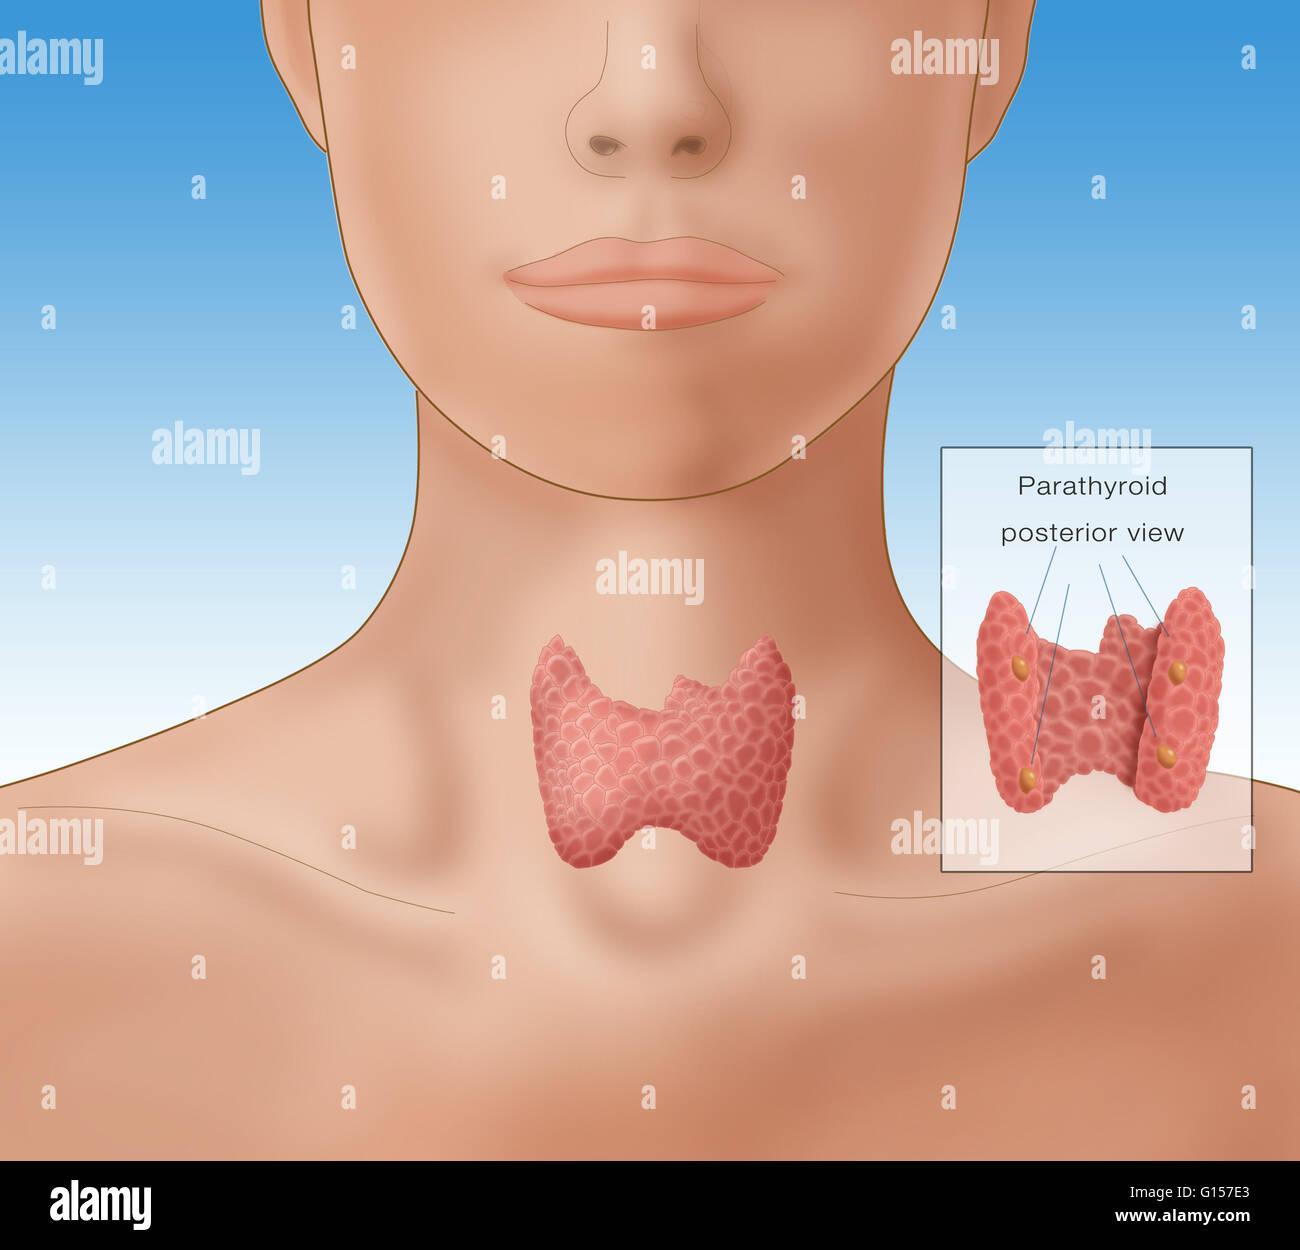 Abbildung zeigt die Lage der Schilddrüse in eine weibliche Figur ...